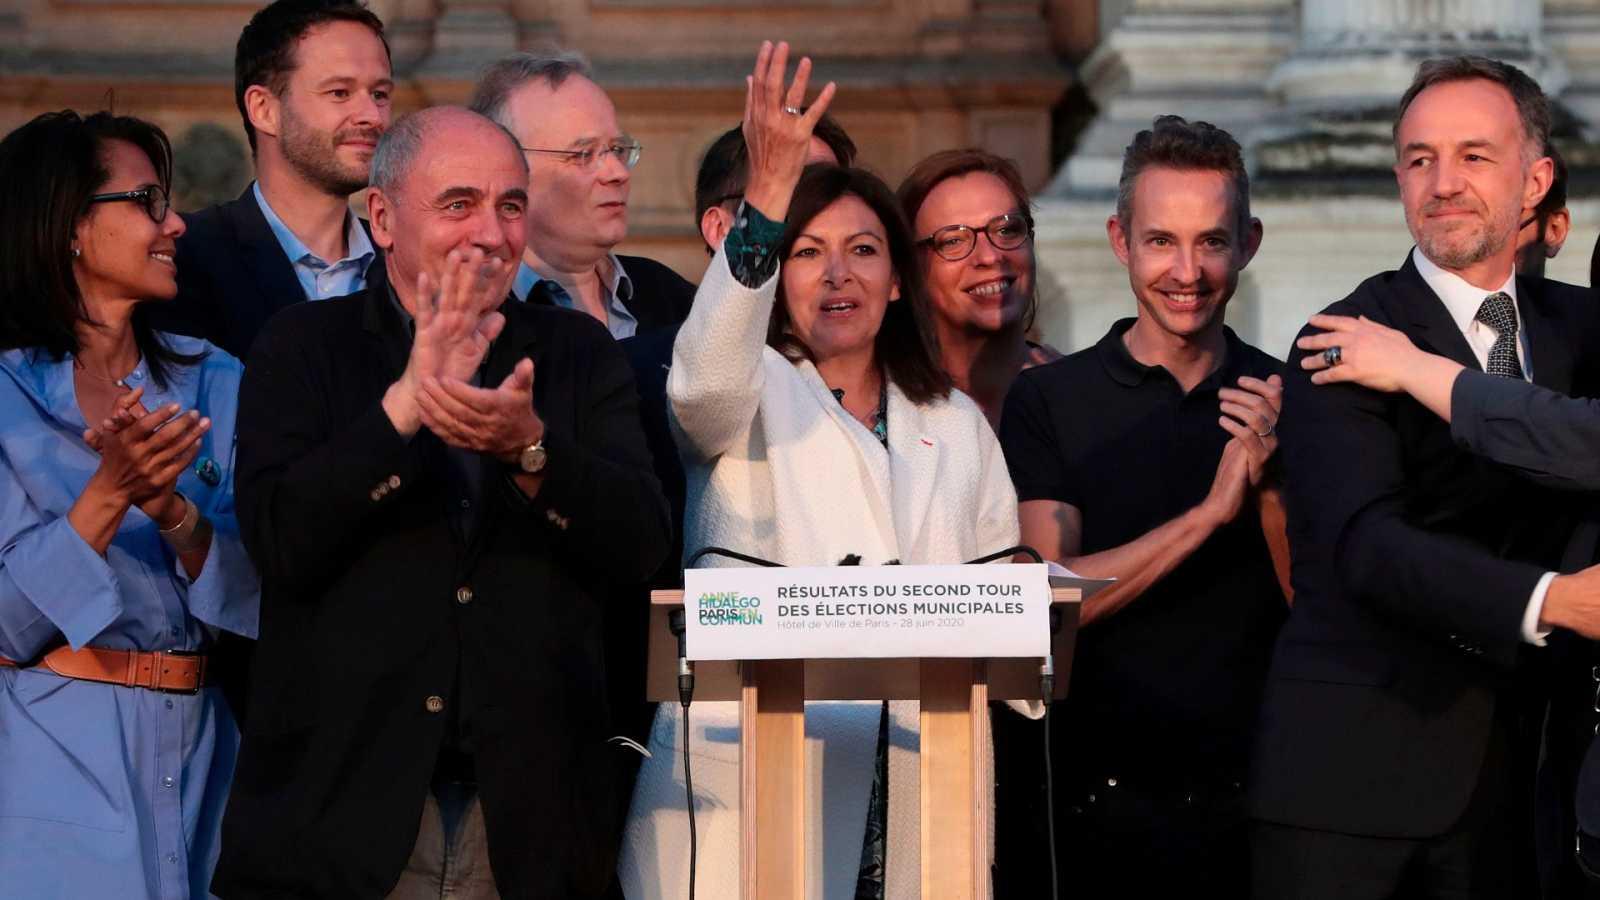 Revés para Macron en unas elecciones municipales marcadas por una abstención histórica